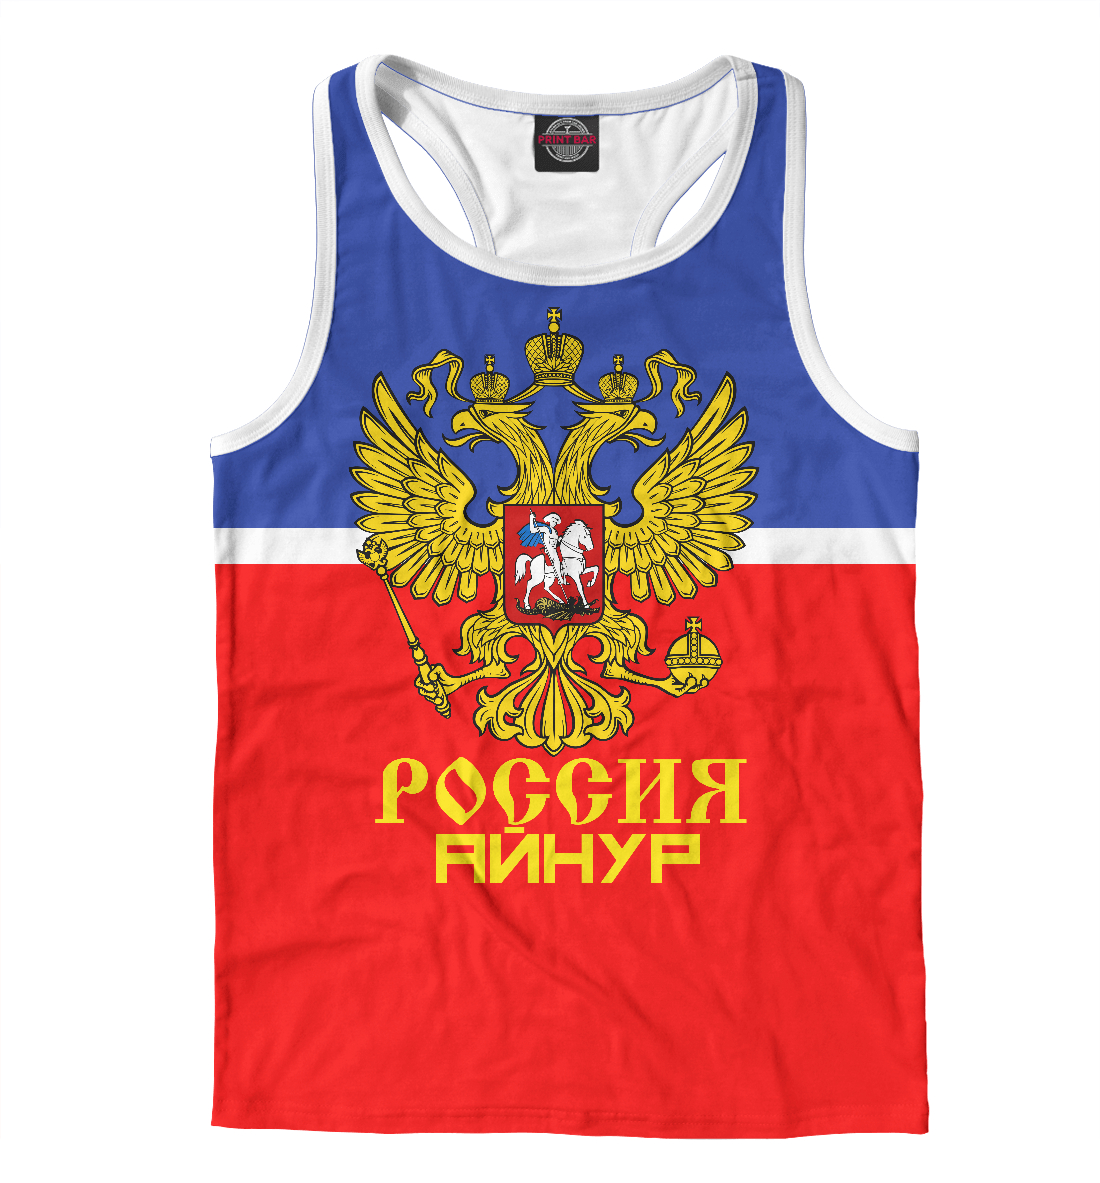 Айнур Sport Uniform